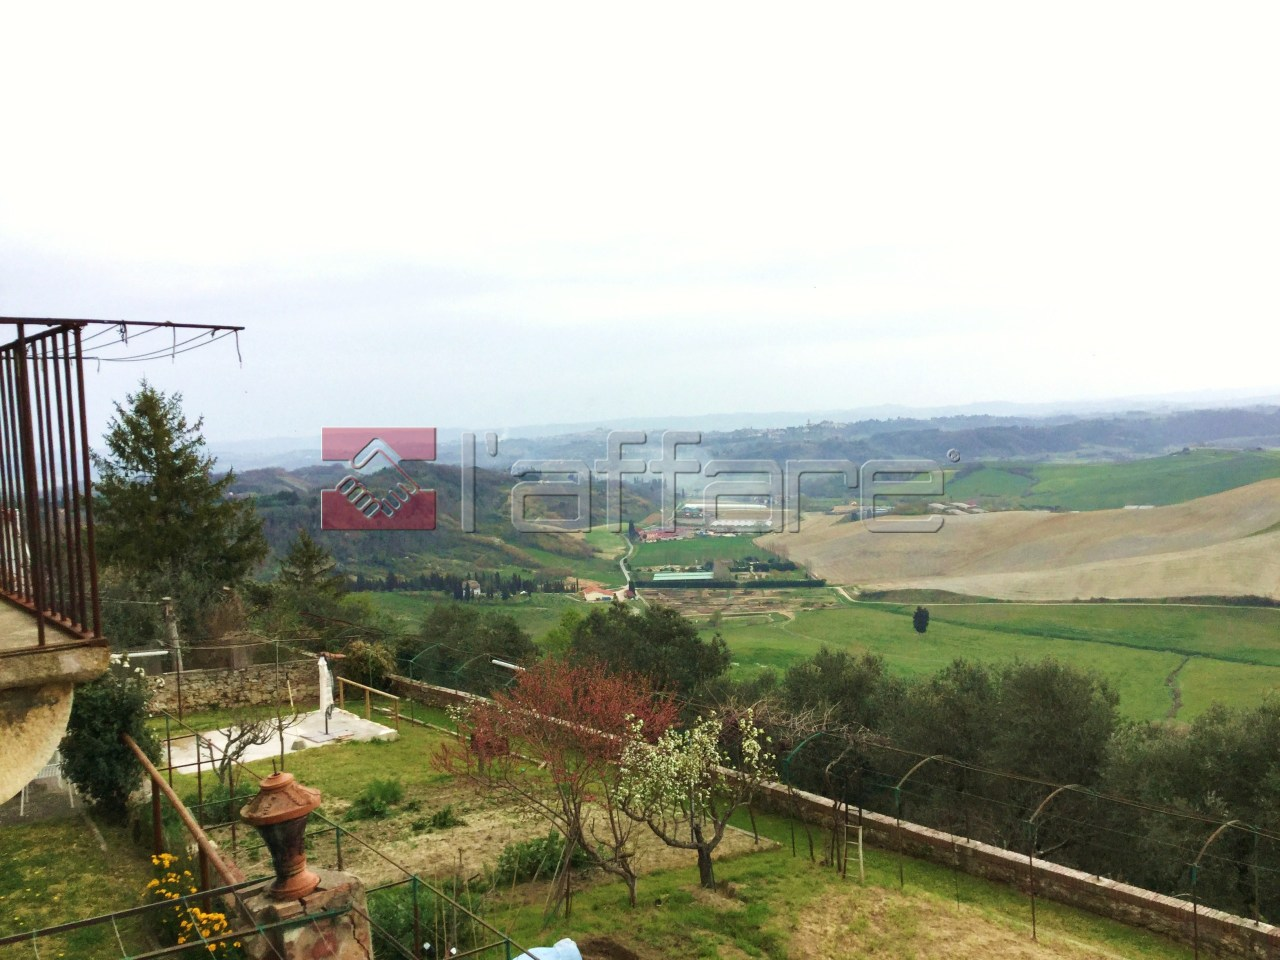 Appartamento in vendita a Casciana Terme Lari, 6 locali, prezzo € 80.000 | CambioCasa.it